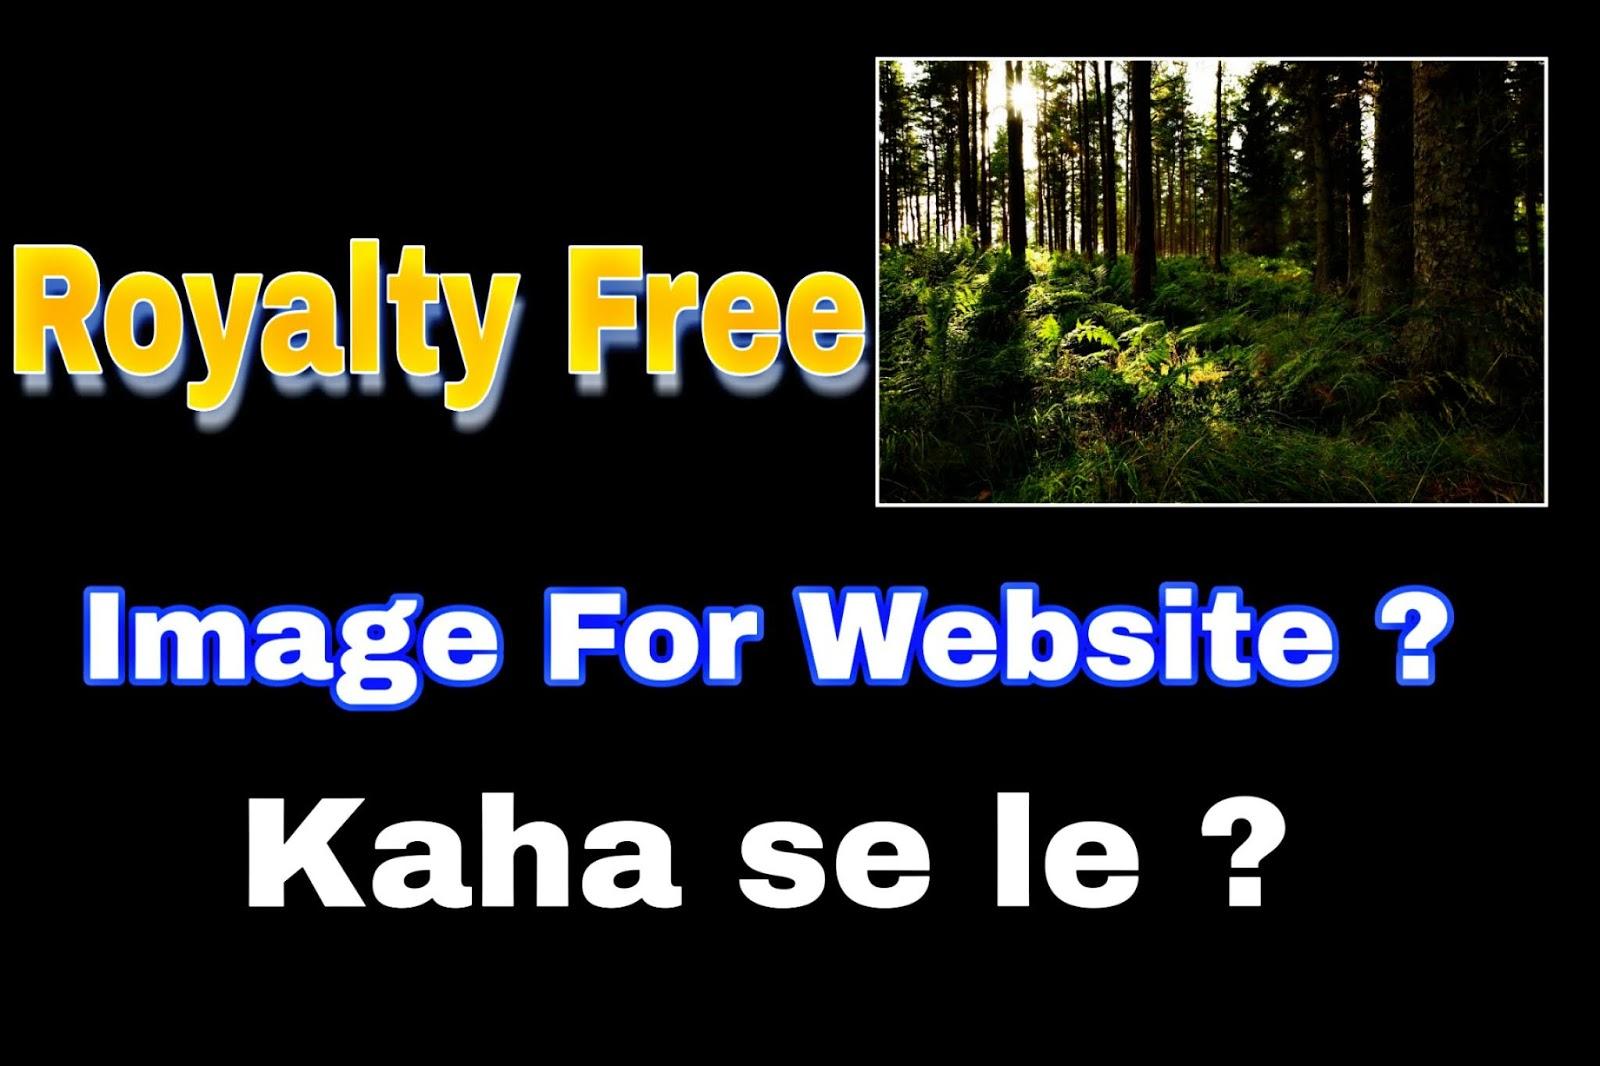 Website ke liye Royalty Free Image kaha se le ?